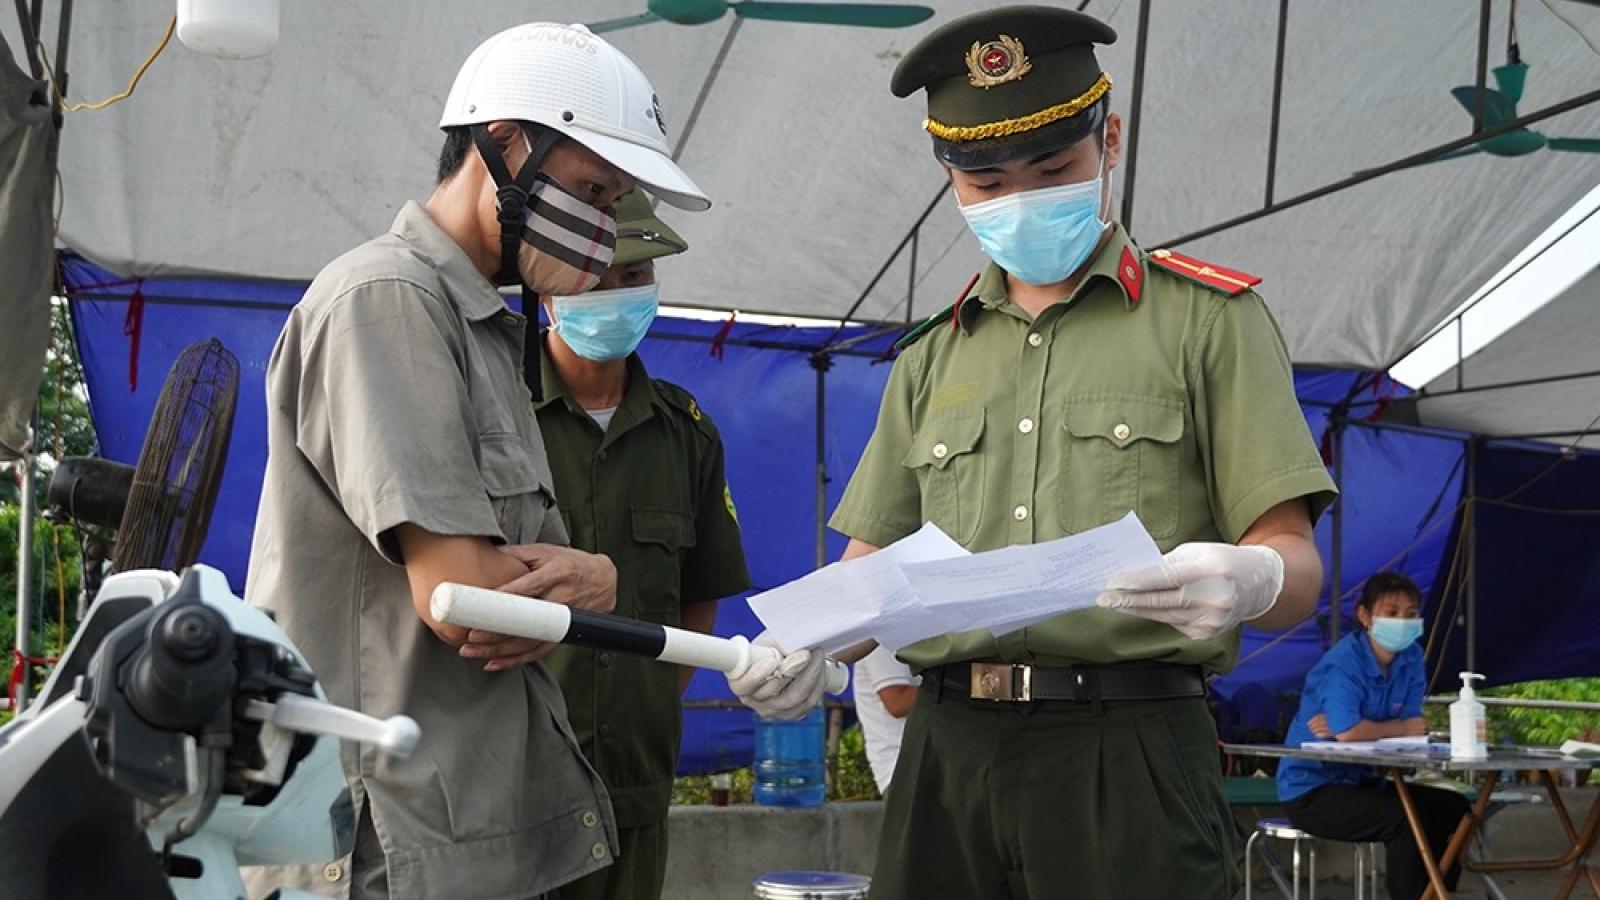 Sau 9 ngày giãn cách Hà Nội phạt hơn 11 tỷ đồng vi phạm quy định phòng, chống dịch